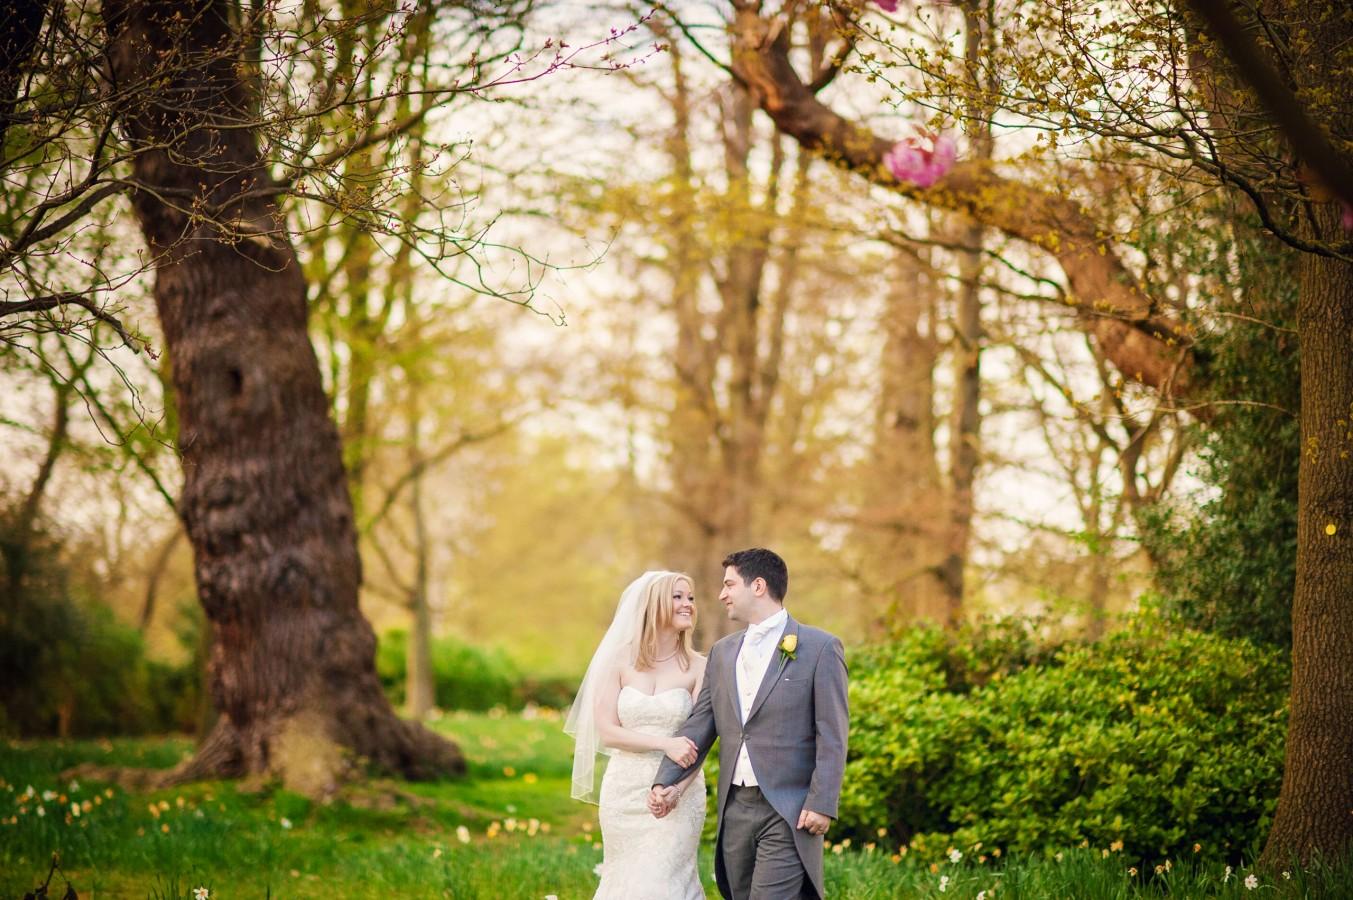 Hampshire Wedding Photographer - GK Photography-274